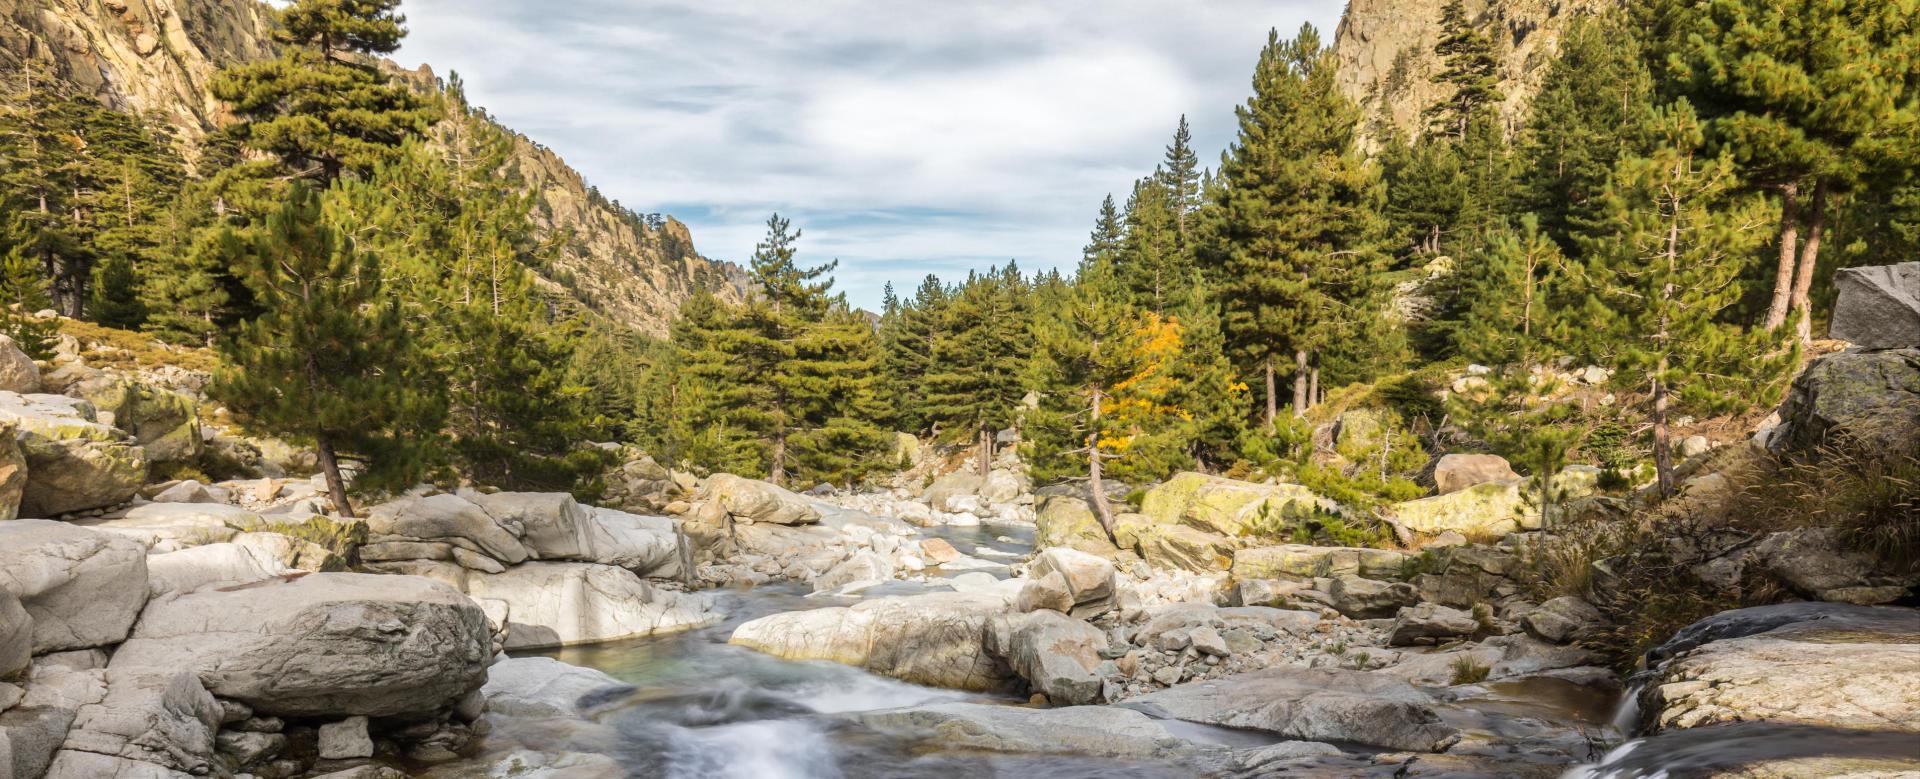 Voyage à pied : Corse : De vizzavona à calvi par les rails